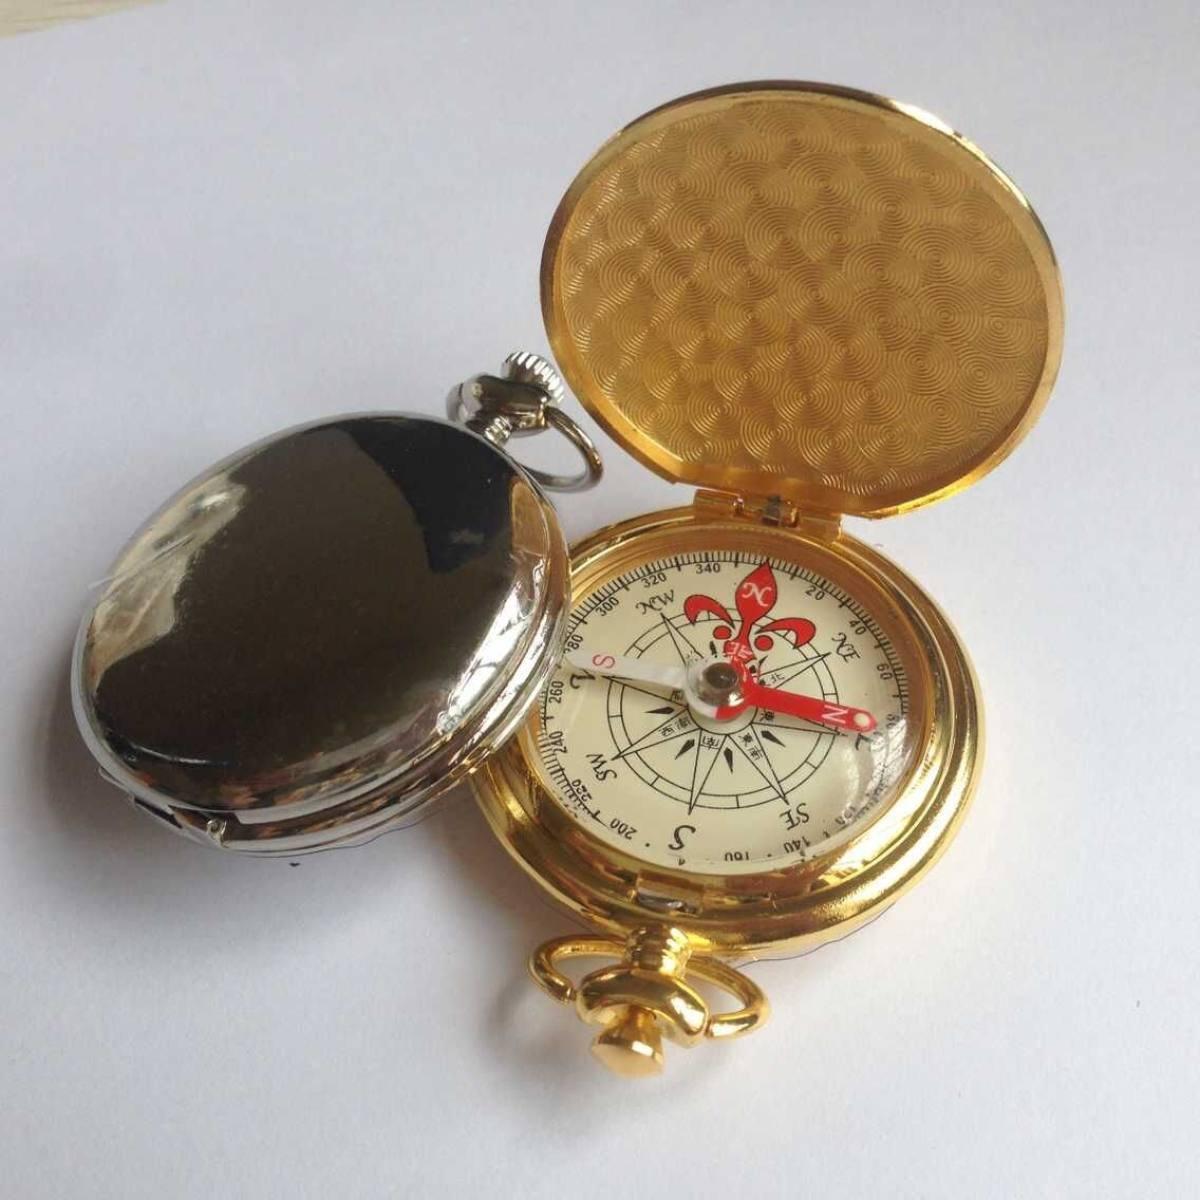 HWZNZ-HWSP Kompass Taschenkompass Retro-Kompass Klassischer Stil High-End-Geschenk-Kompass